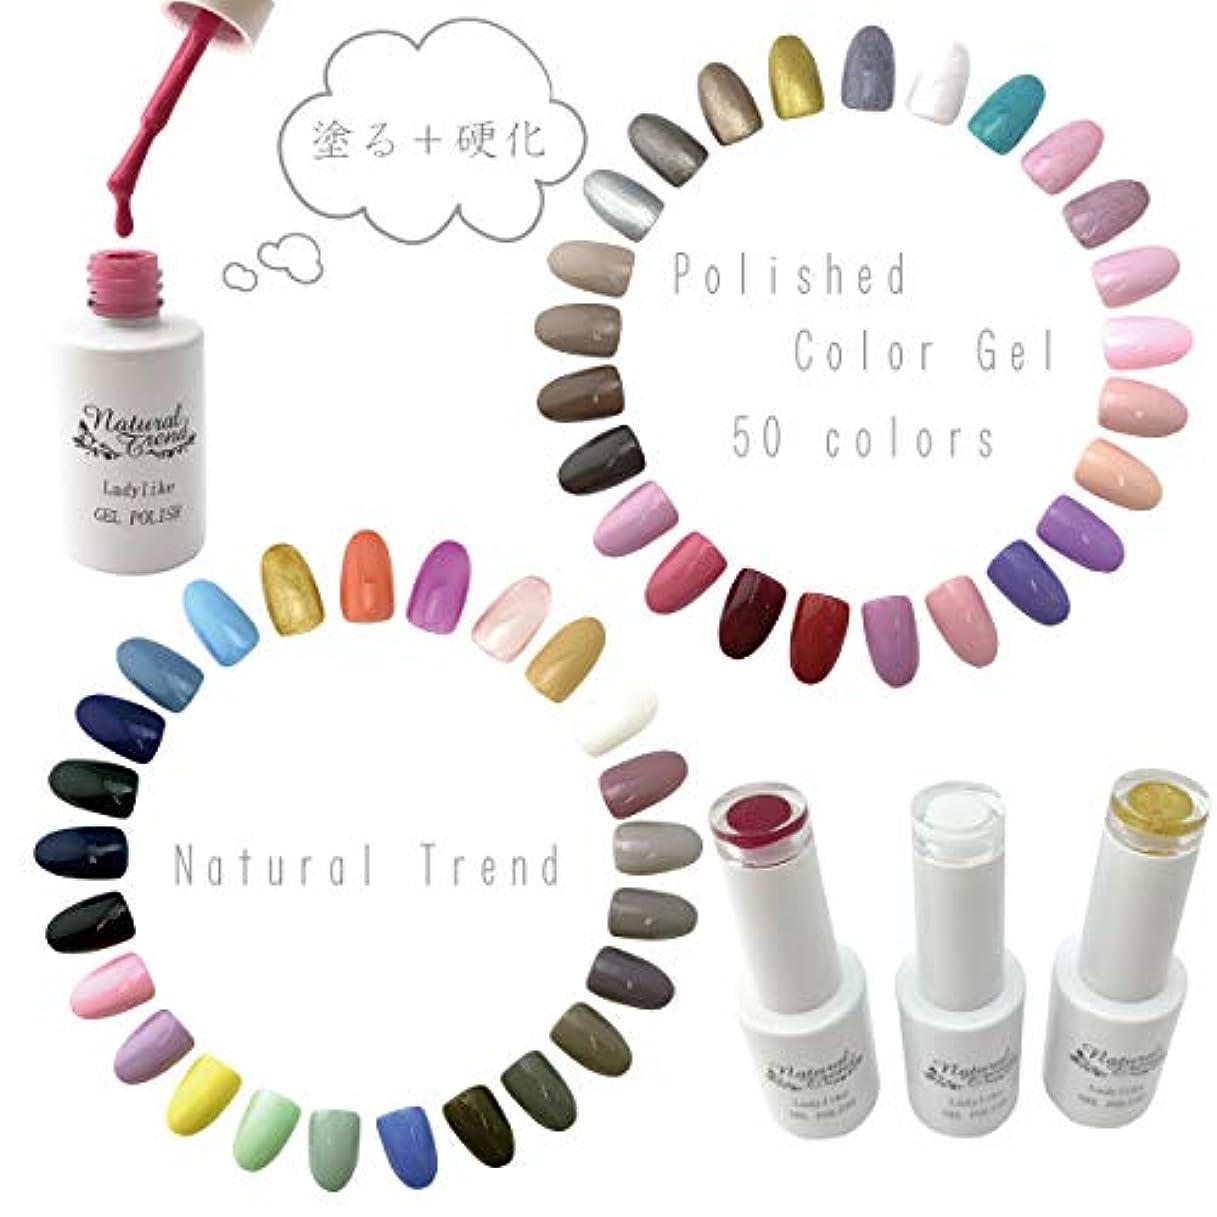 不明瞭憂鬱リサイクルするNaturalTrend ジェルネイル カラー 50色 8ml UV?LED ポリッシュタイプ カラージェル (02, pinkred)